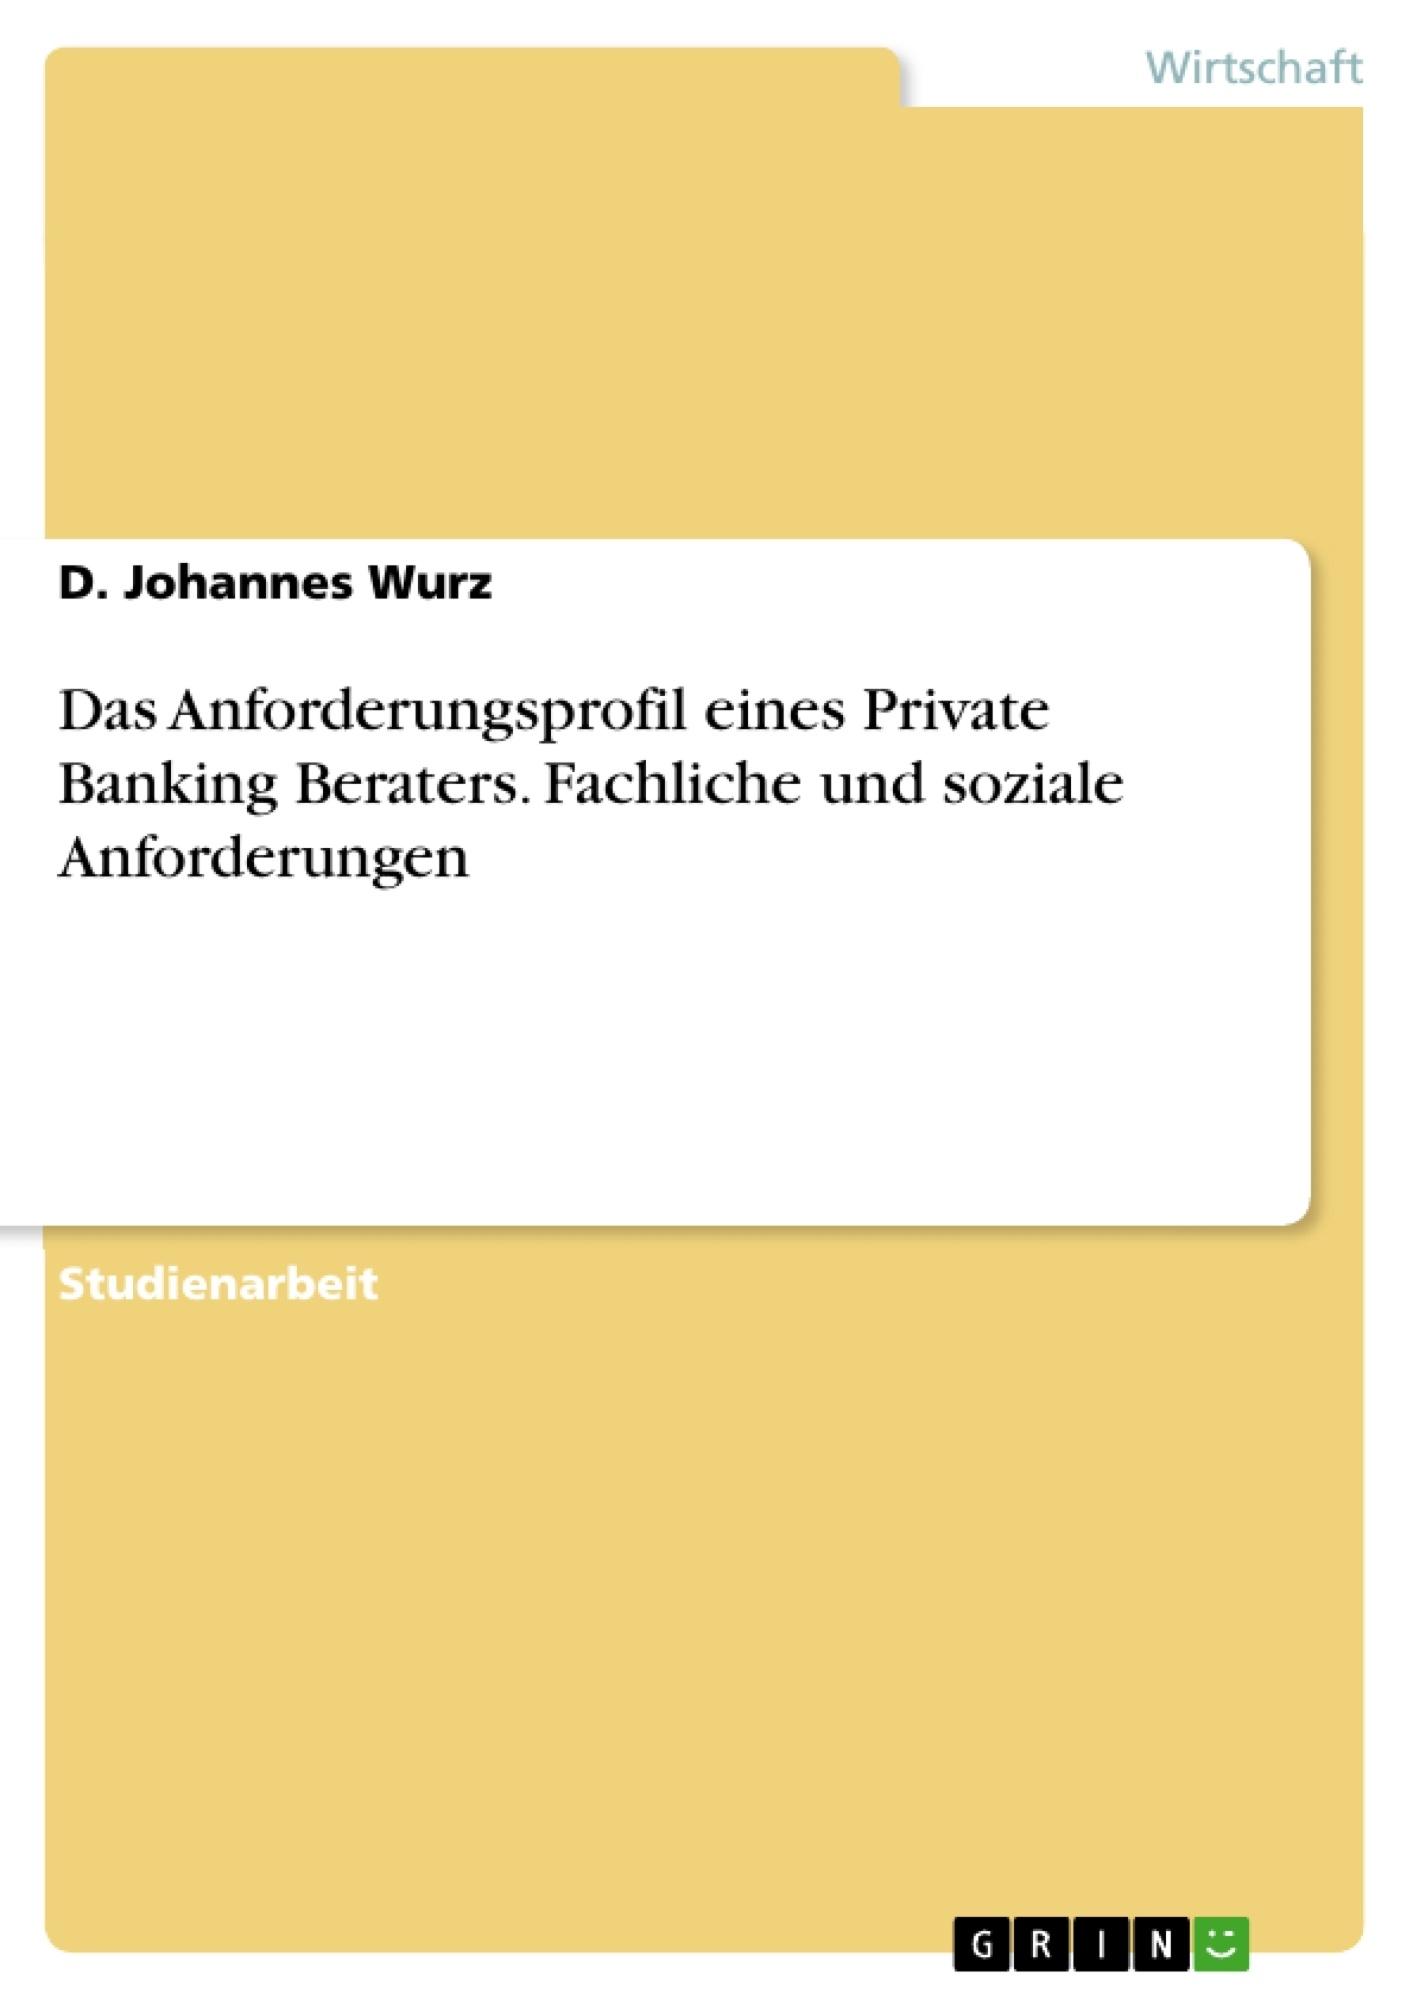 Titel: Das Anforderungsprofil eines Private Banking Beraters. Fachliche und soziale Anforderungen